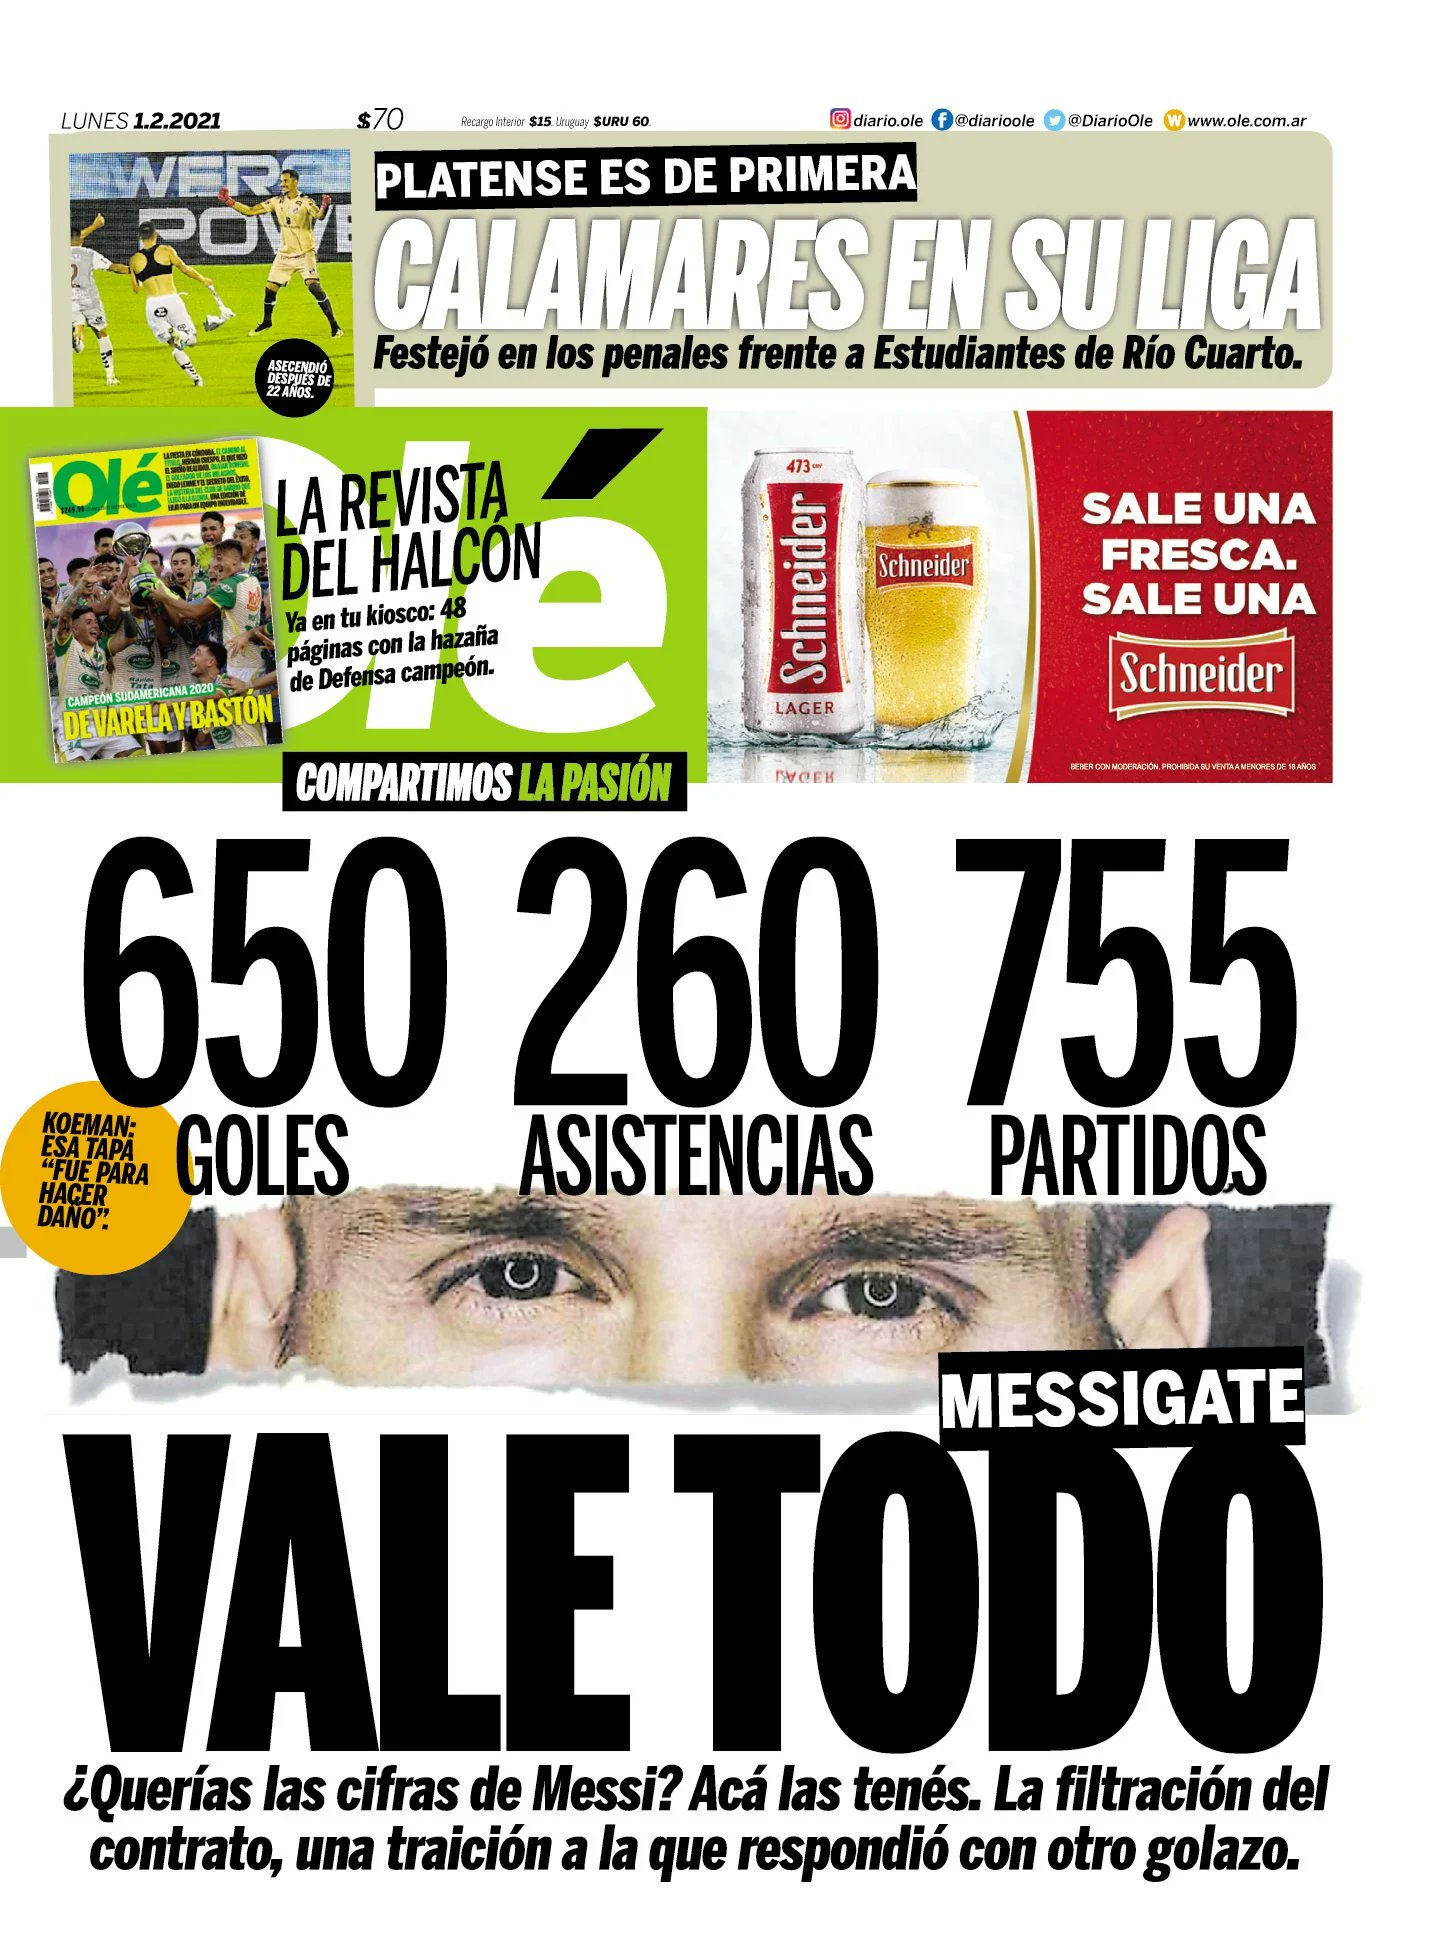 Ole ใช้เค้าโครงและตัวเลขของ El Mundo อย่างถูกต้องเพื่อปฏิเสธหนังสือพิมพ์สเปนที่เปิดเผยสัญญาที่เลวร้ายของ Messi กับ Barca